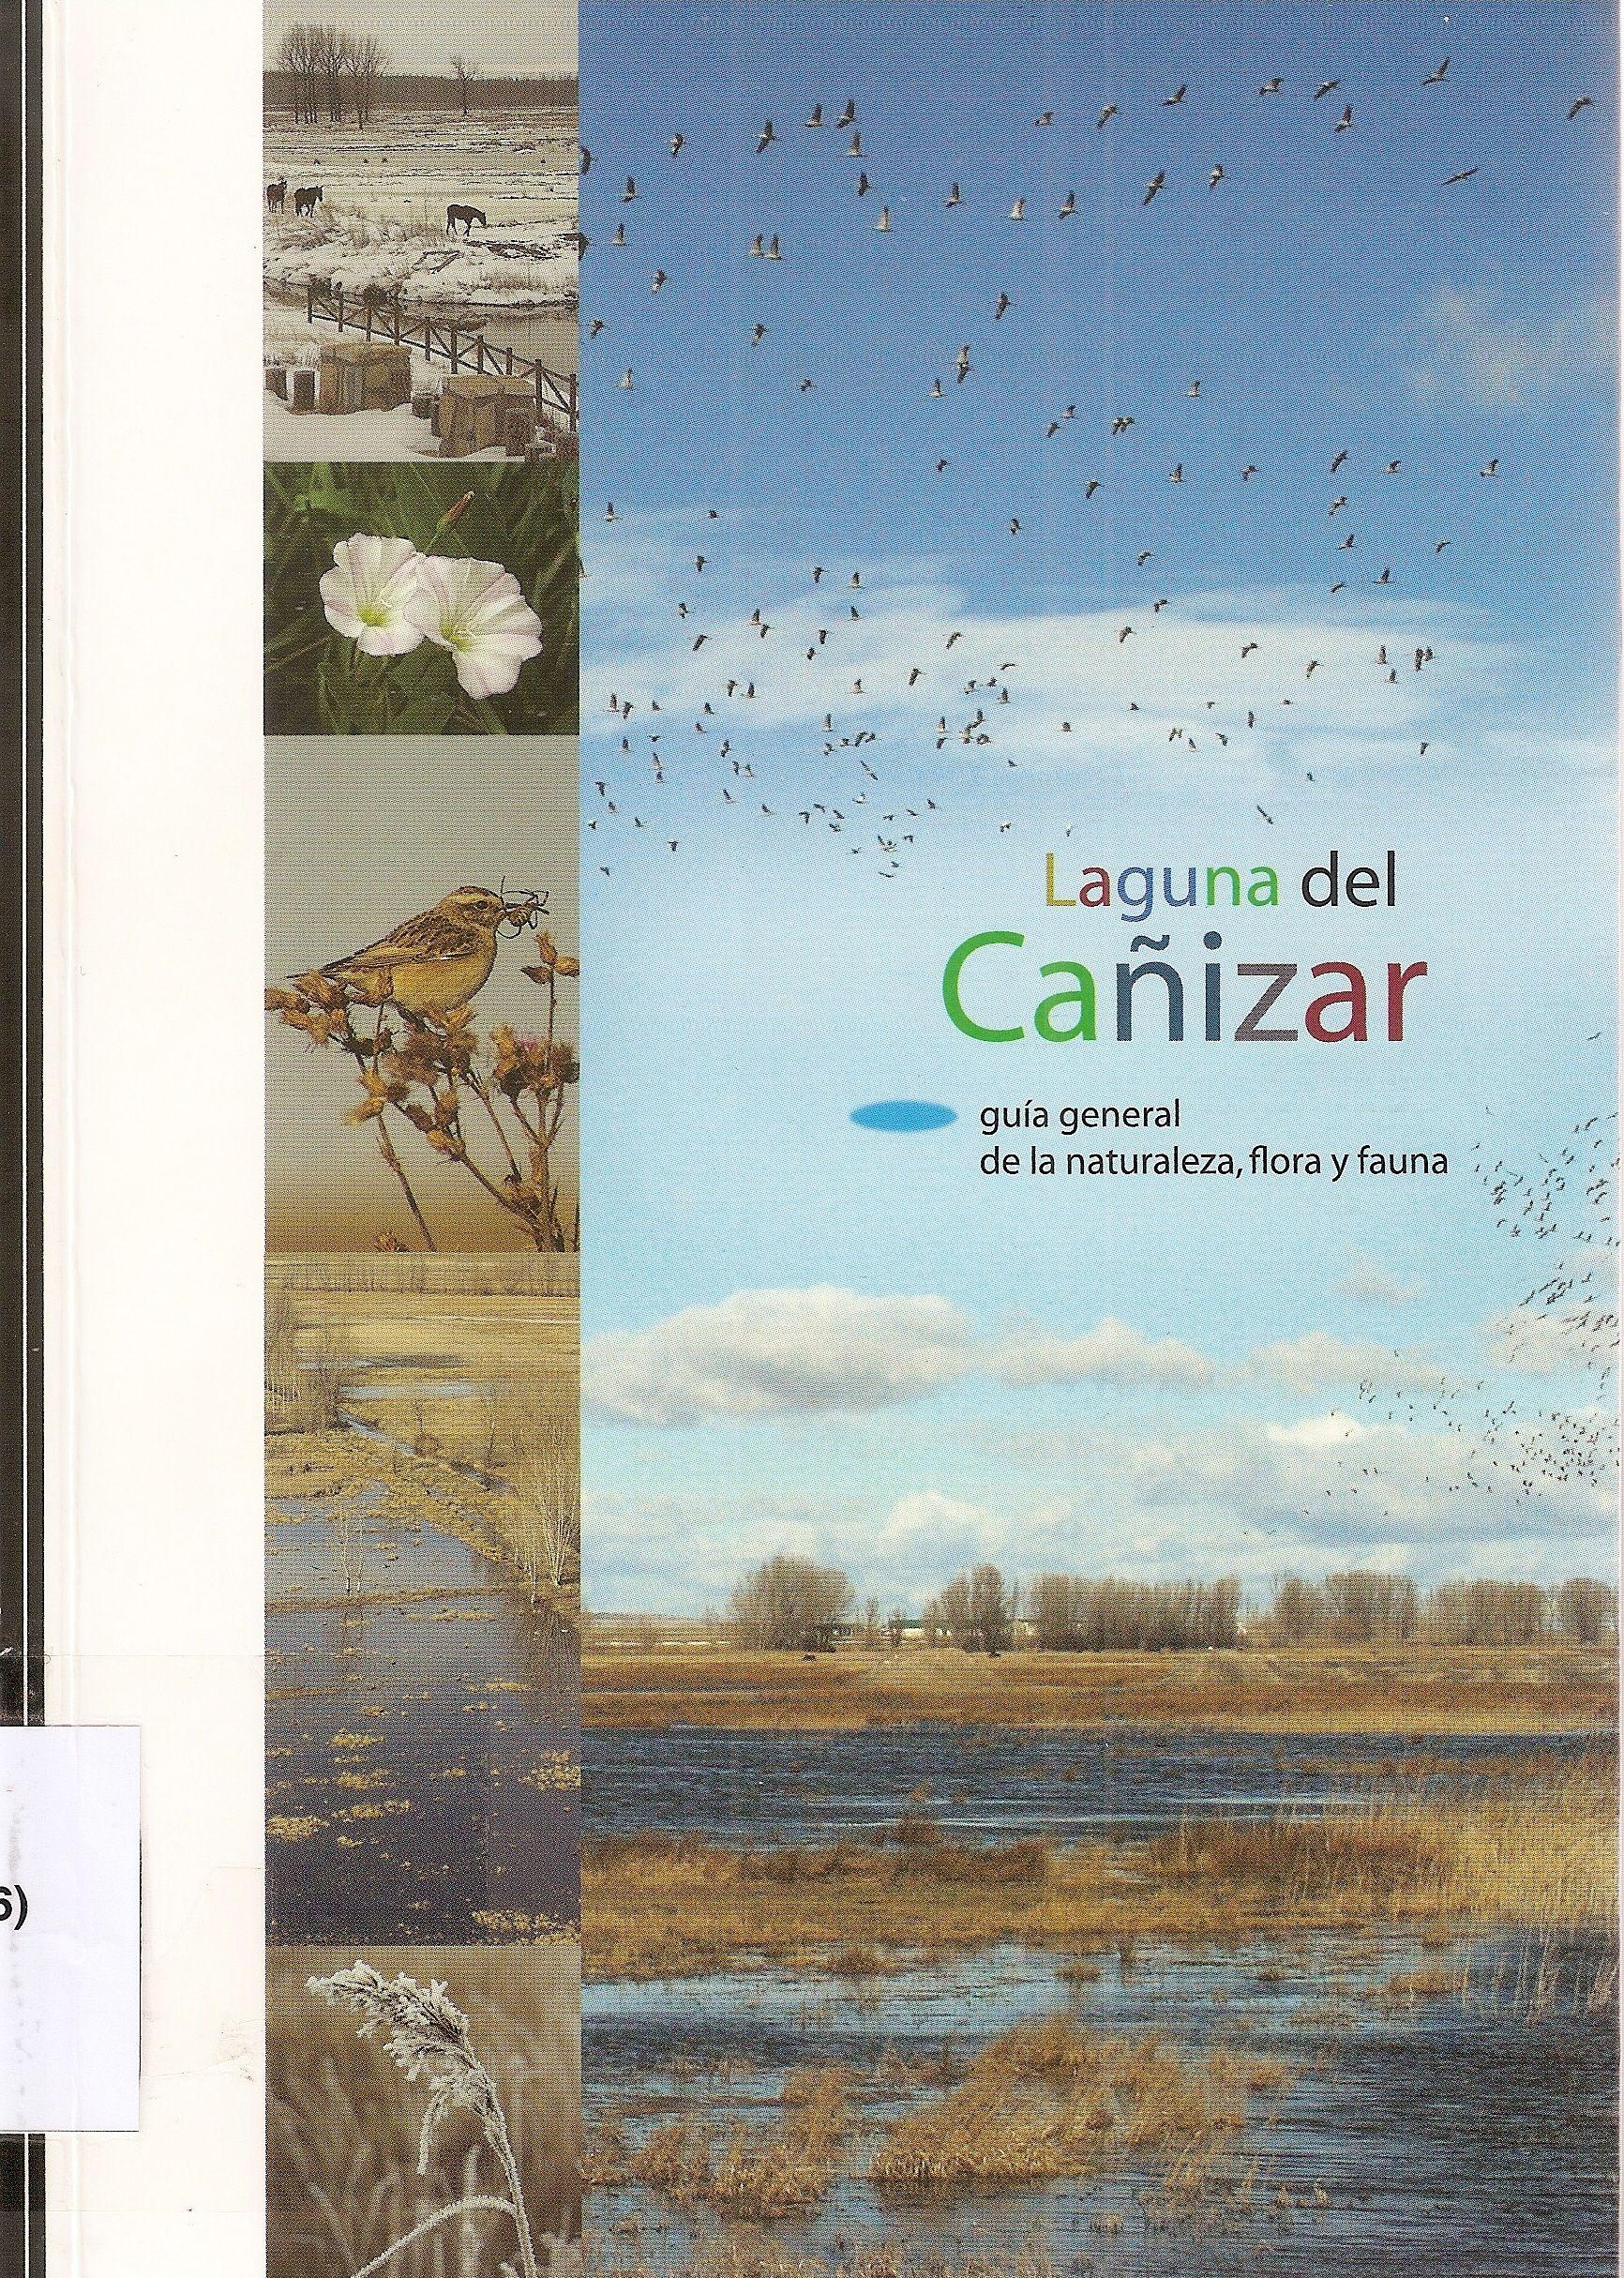 """Del 28 de febrero al 7 de marzo, Las grullas comienzan su viaje hacia el norte de Europa… unas """"paran"""" en Gallocanta y otras en la Laguna del Cañizar…  http://roble.unizar.es/record=b1650342"""